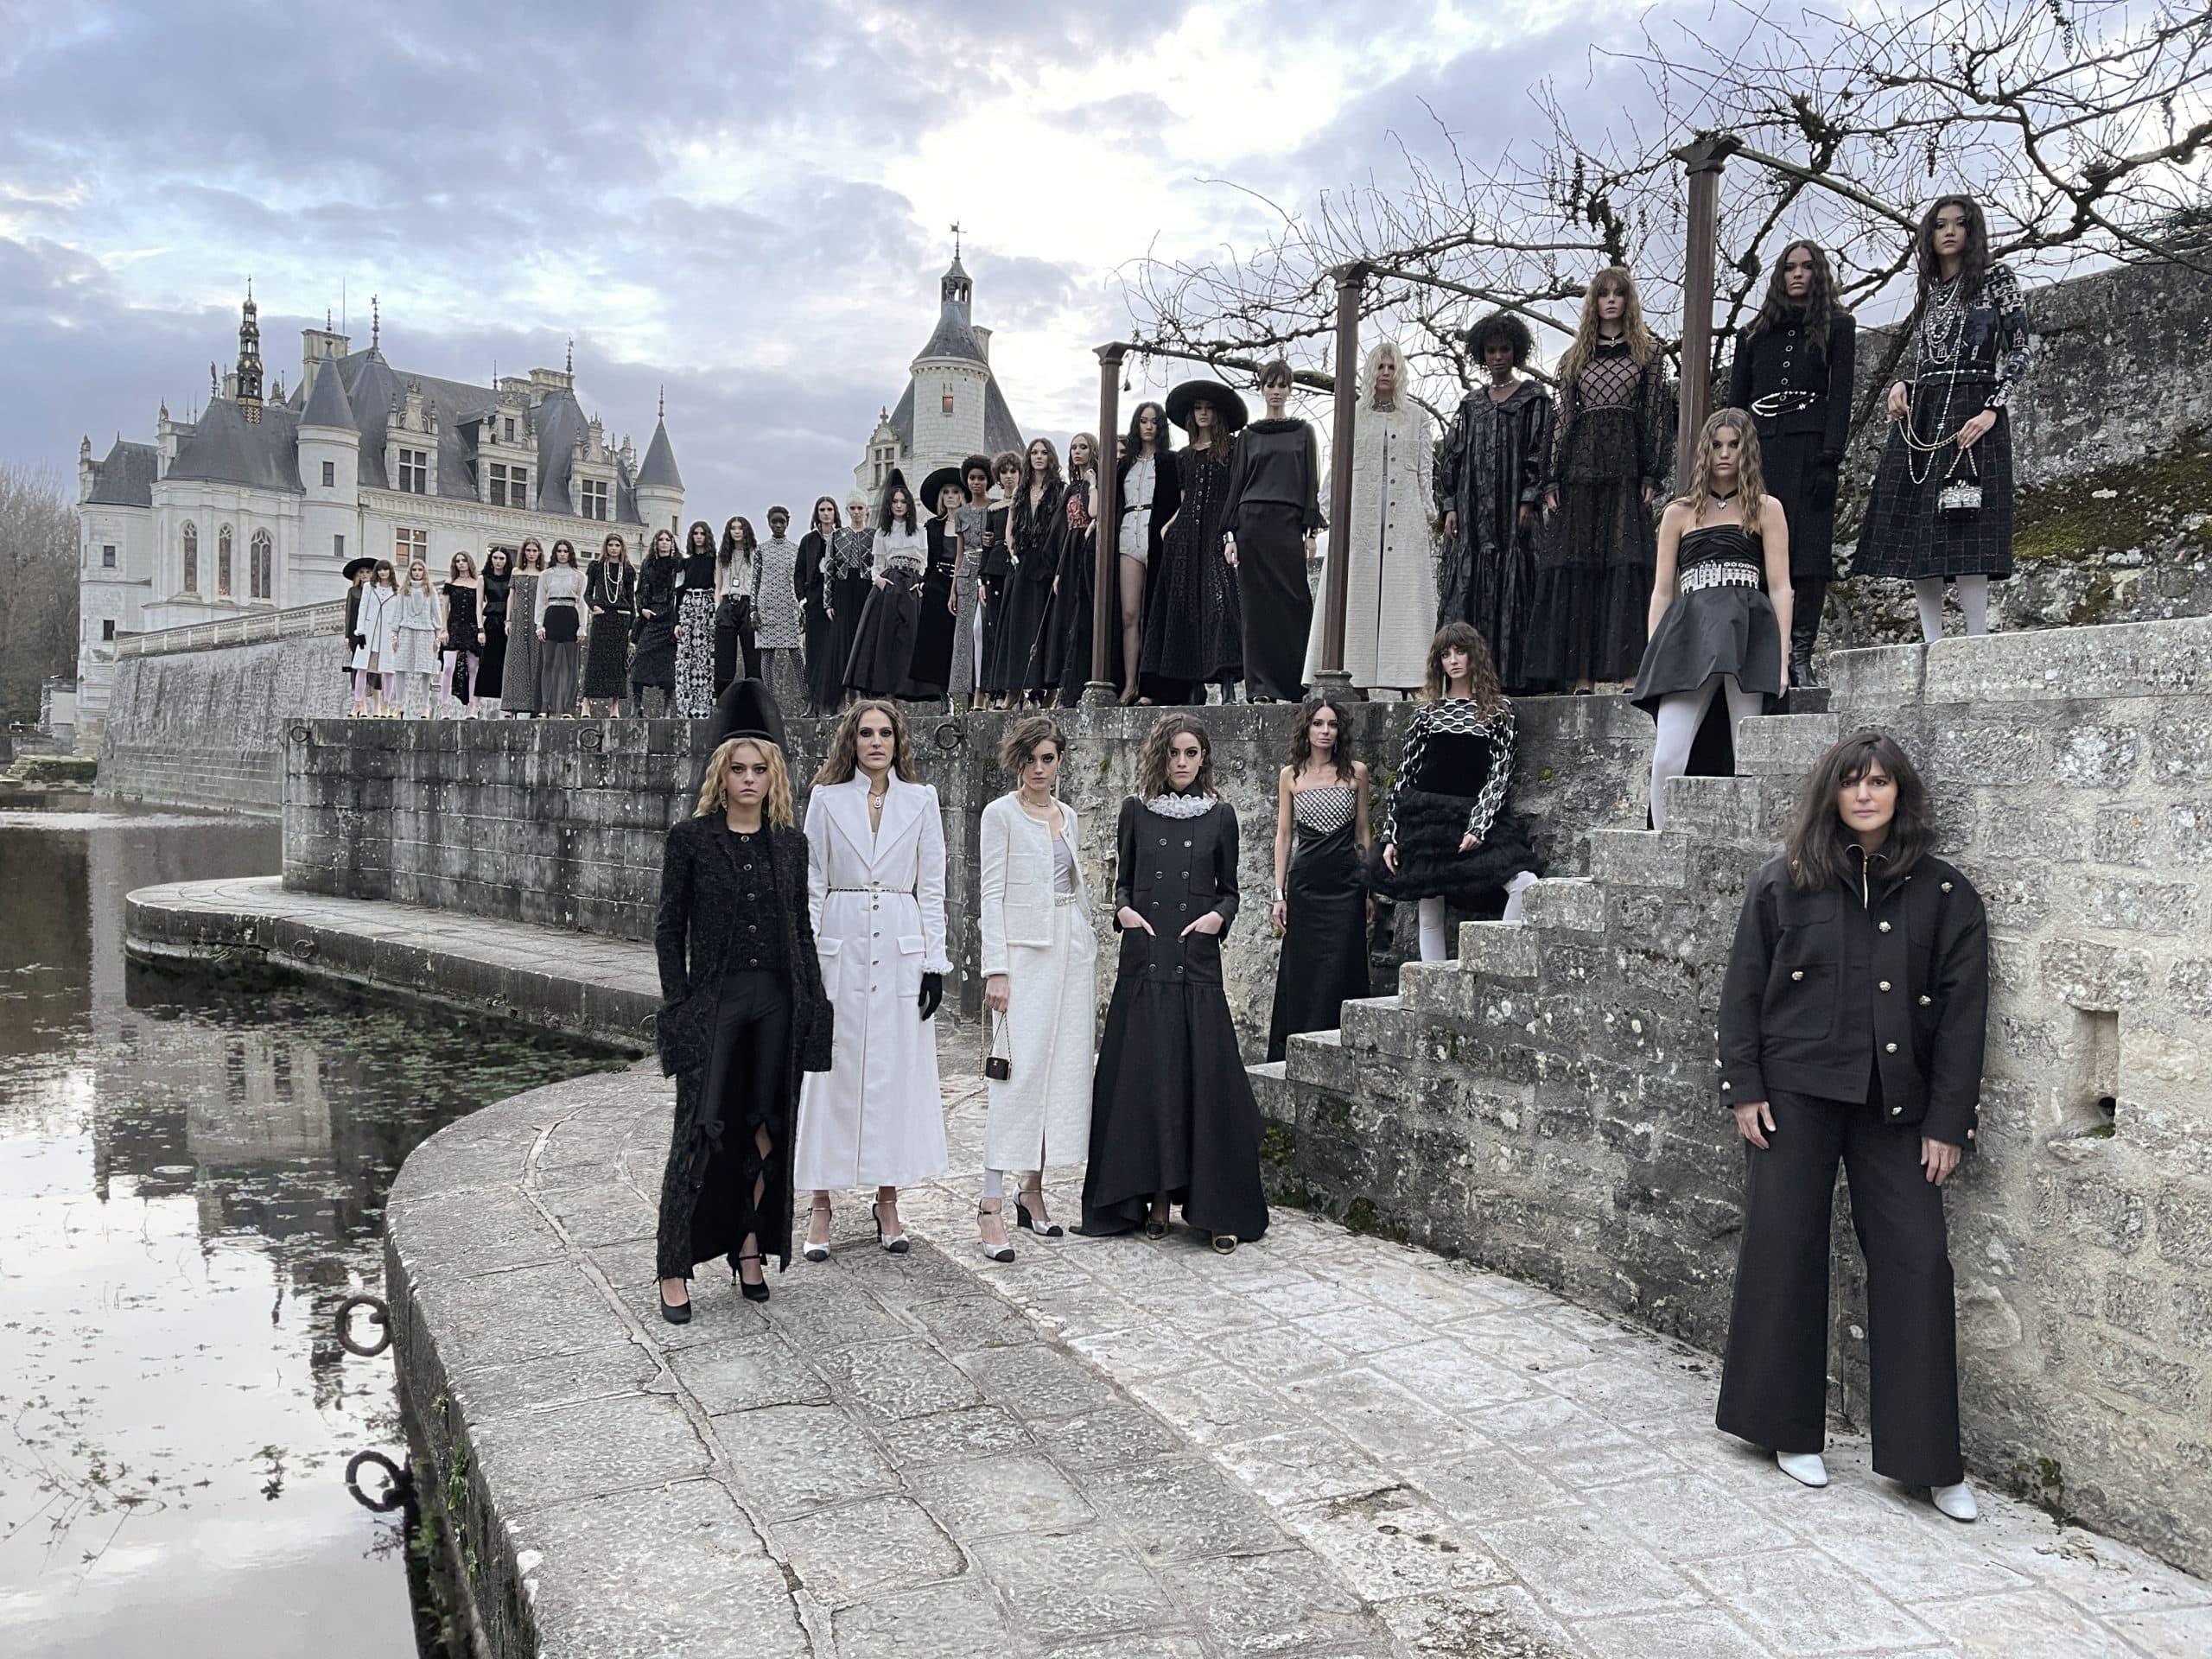 Chanel Le Château des Dames Métiers d'art 2020/21 Ad Campaign Photos